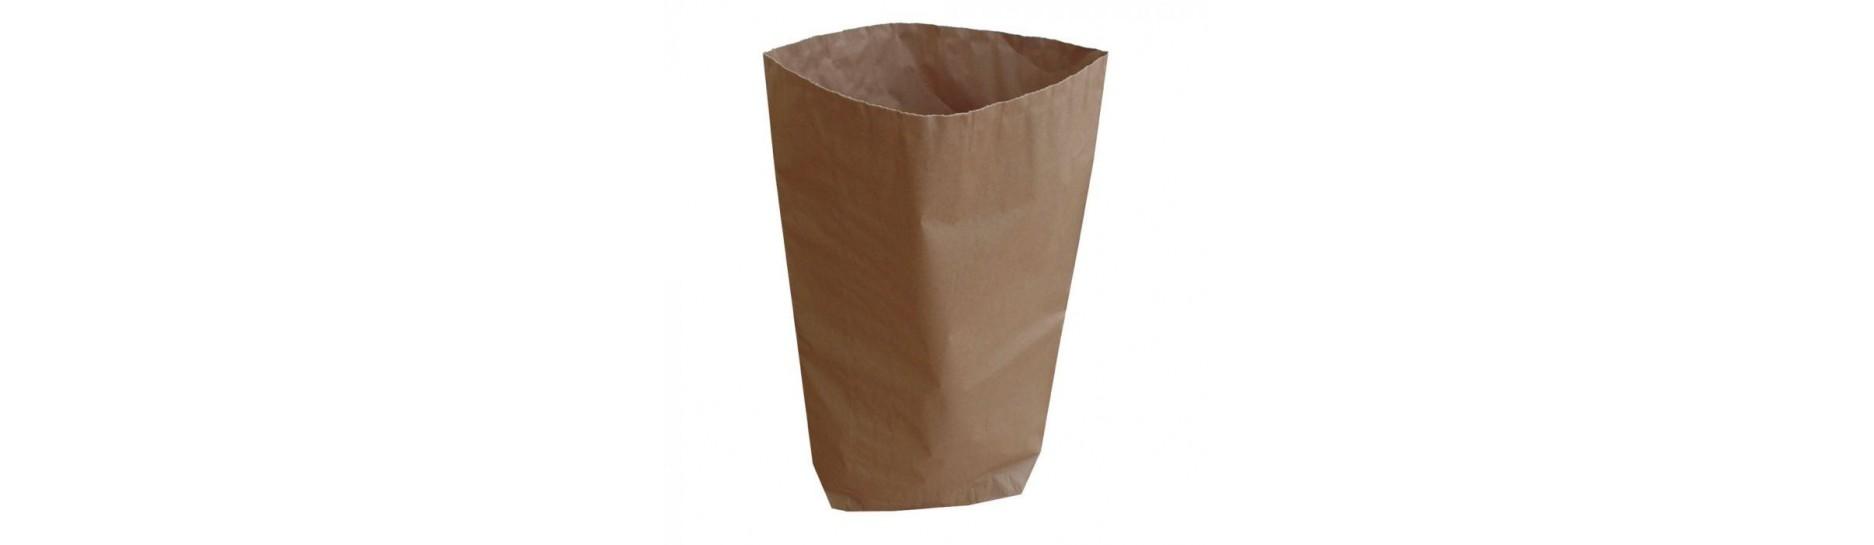 Otevřené papírové pytle (open paper sack) dvouvrstvé jejich dno je z jedné strany uzavřeno.  Papírové pytle 3vrstvé se používají pro plnění těžšího materiálů.